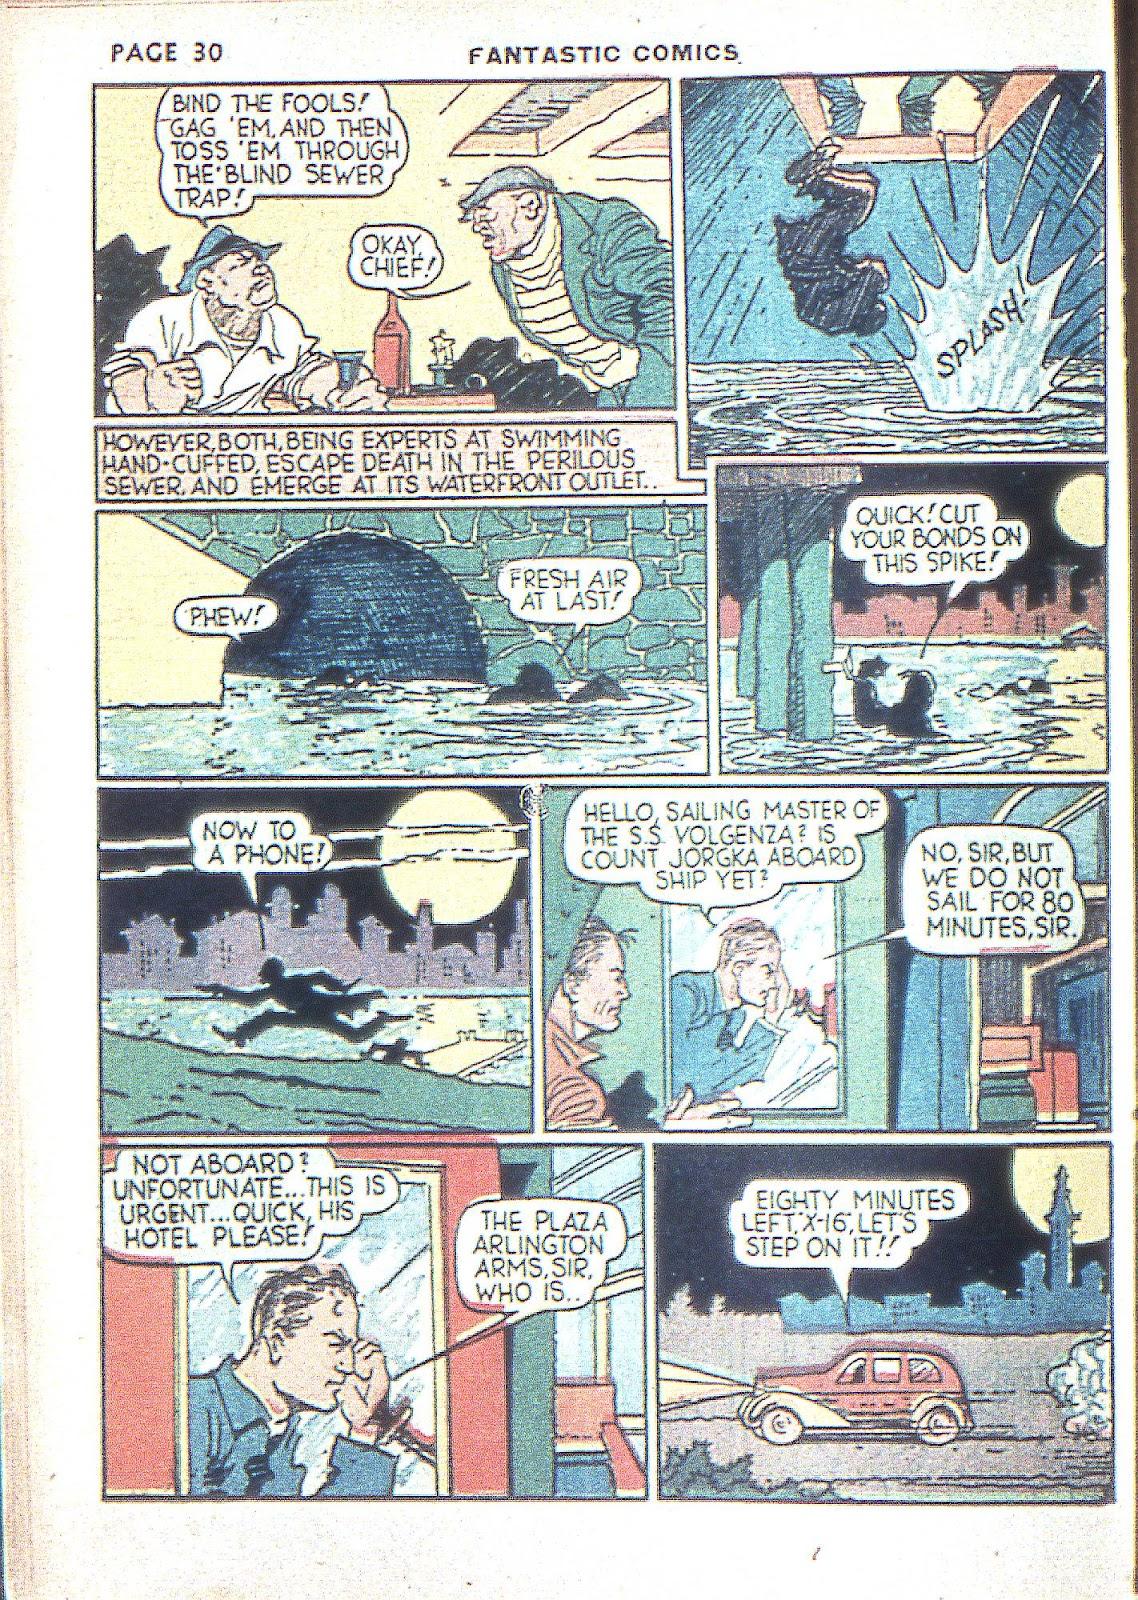 Read online Fantastic Comics comic -  Issue #3 - 33